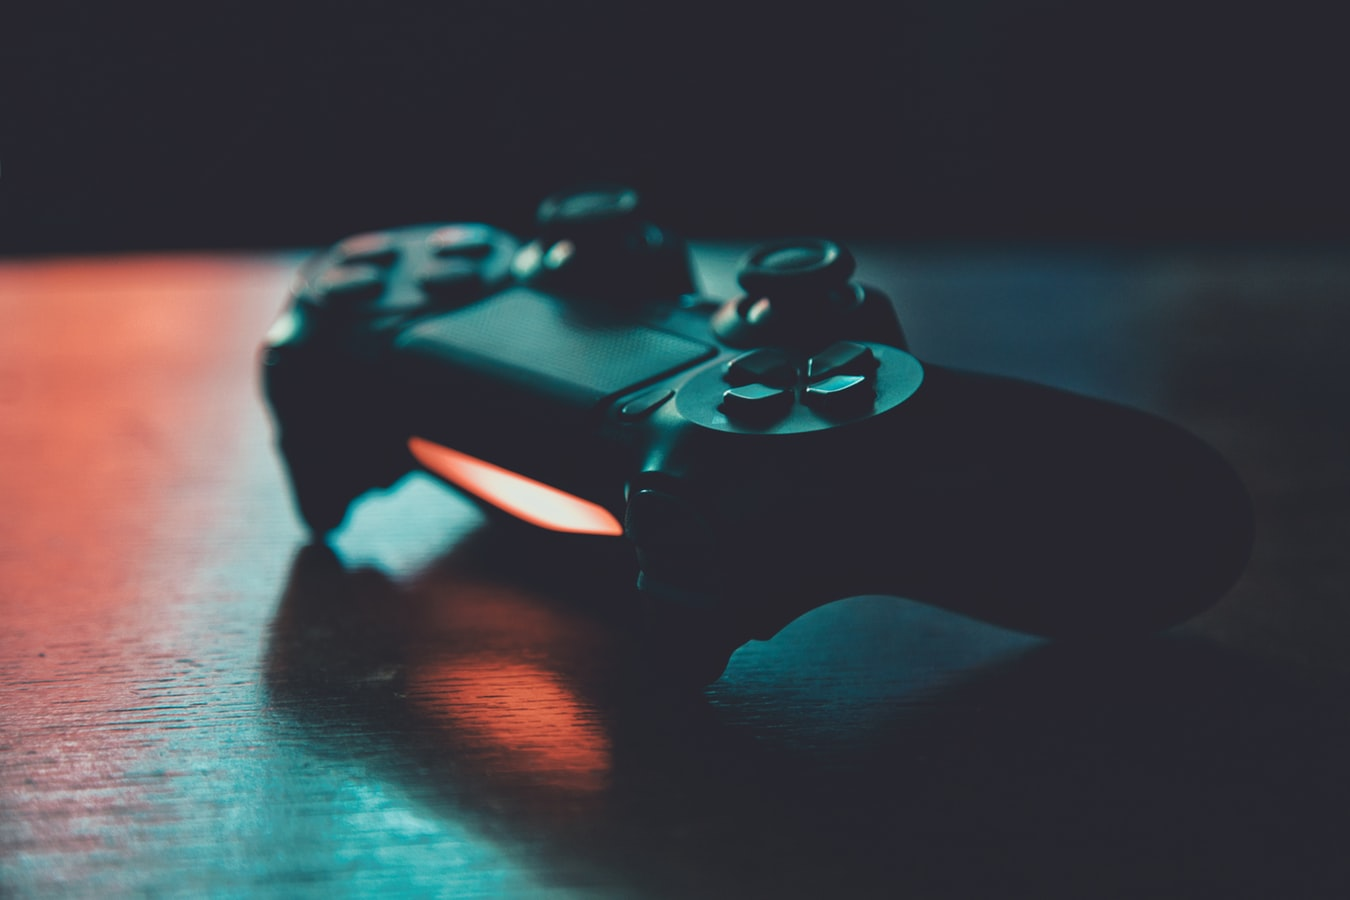 Μπορούν τα video games να οδηγήσουν στη διάπραξη εγκλήματος;